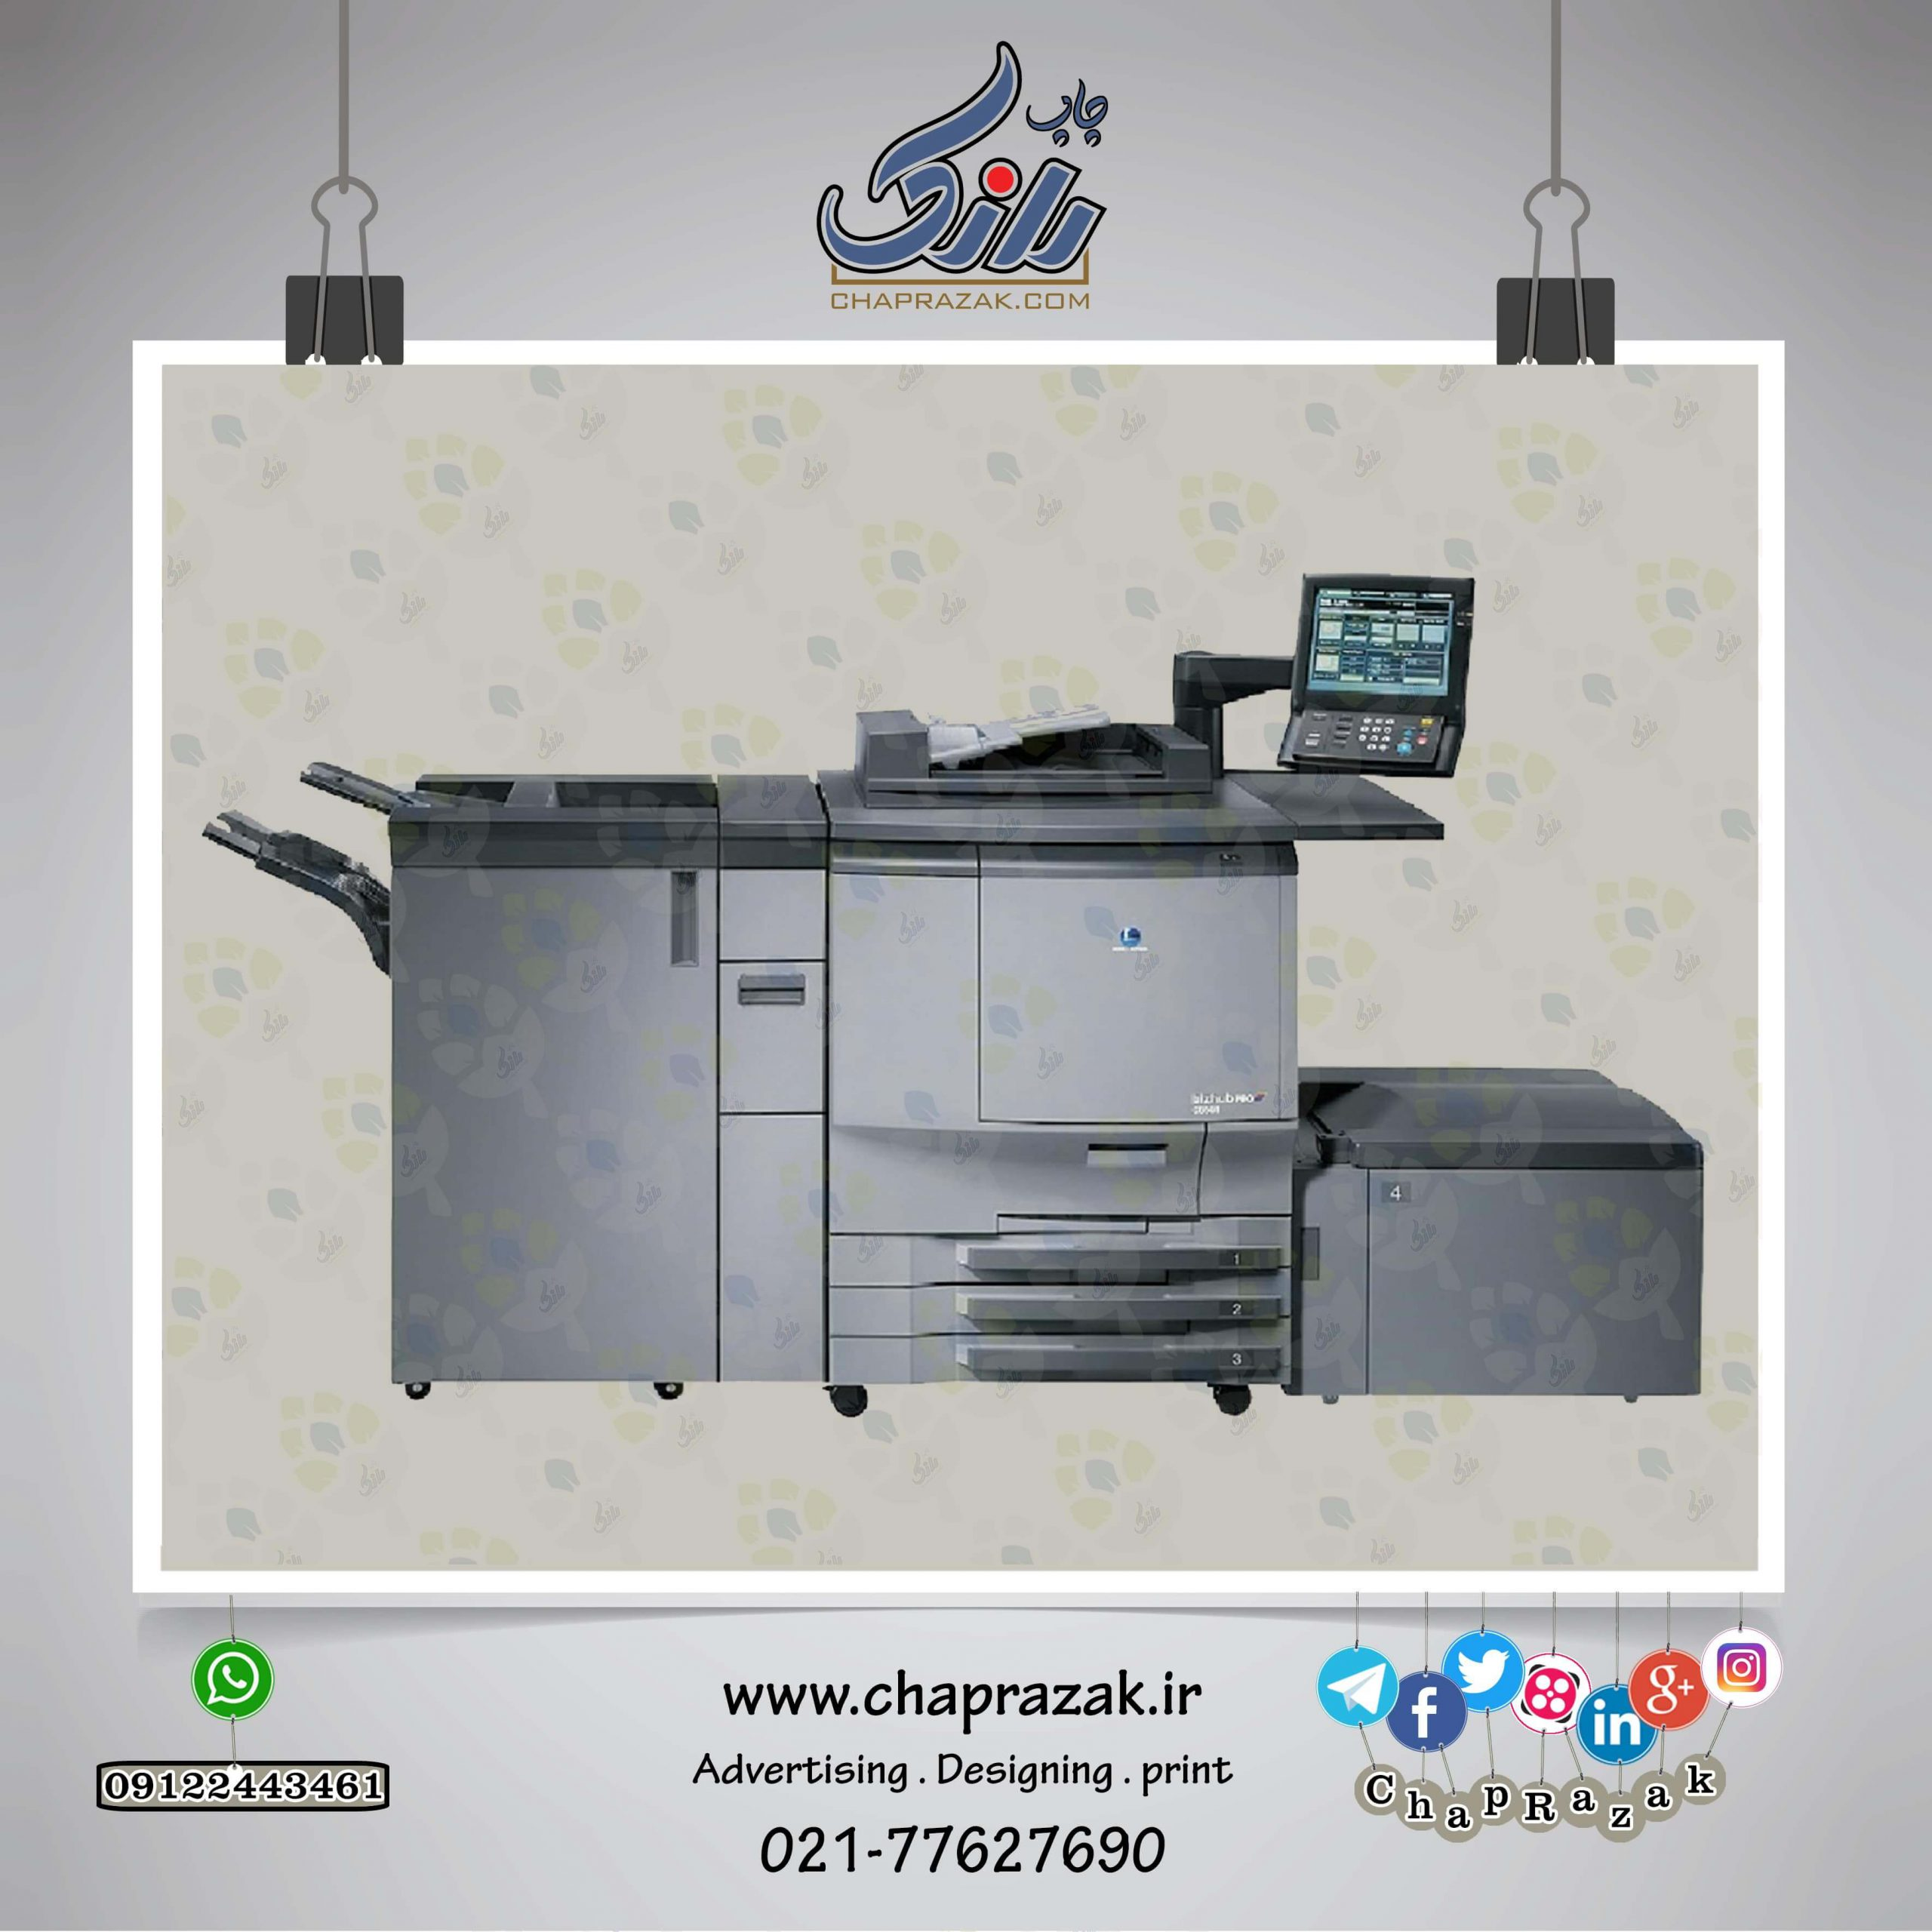 ابعاد ماشینهای چاپ دانستنی از وب سایت چاپ رازک https://chaprazak.ir/